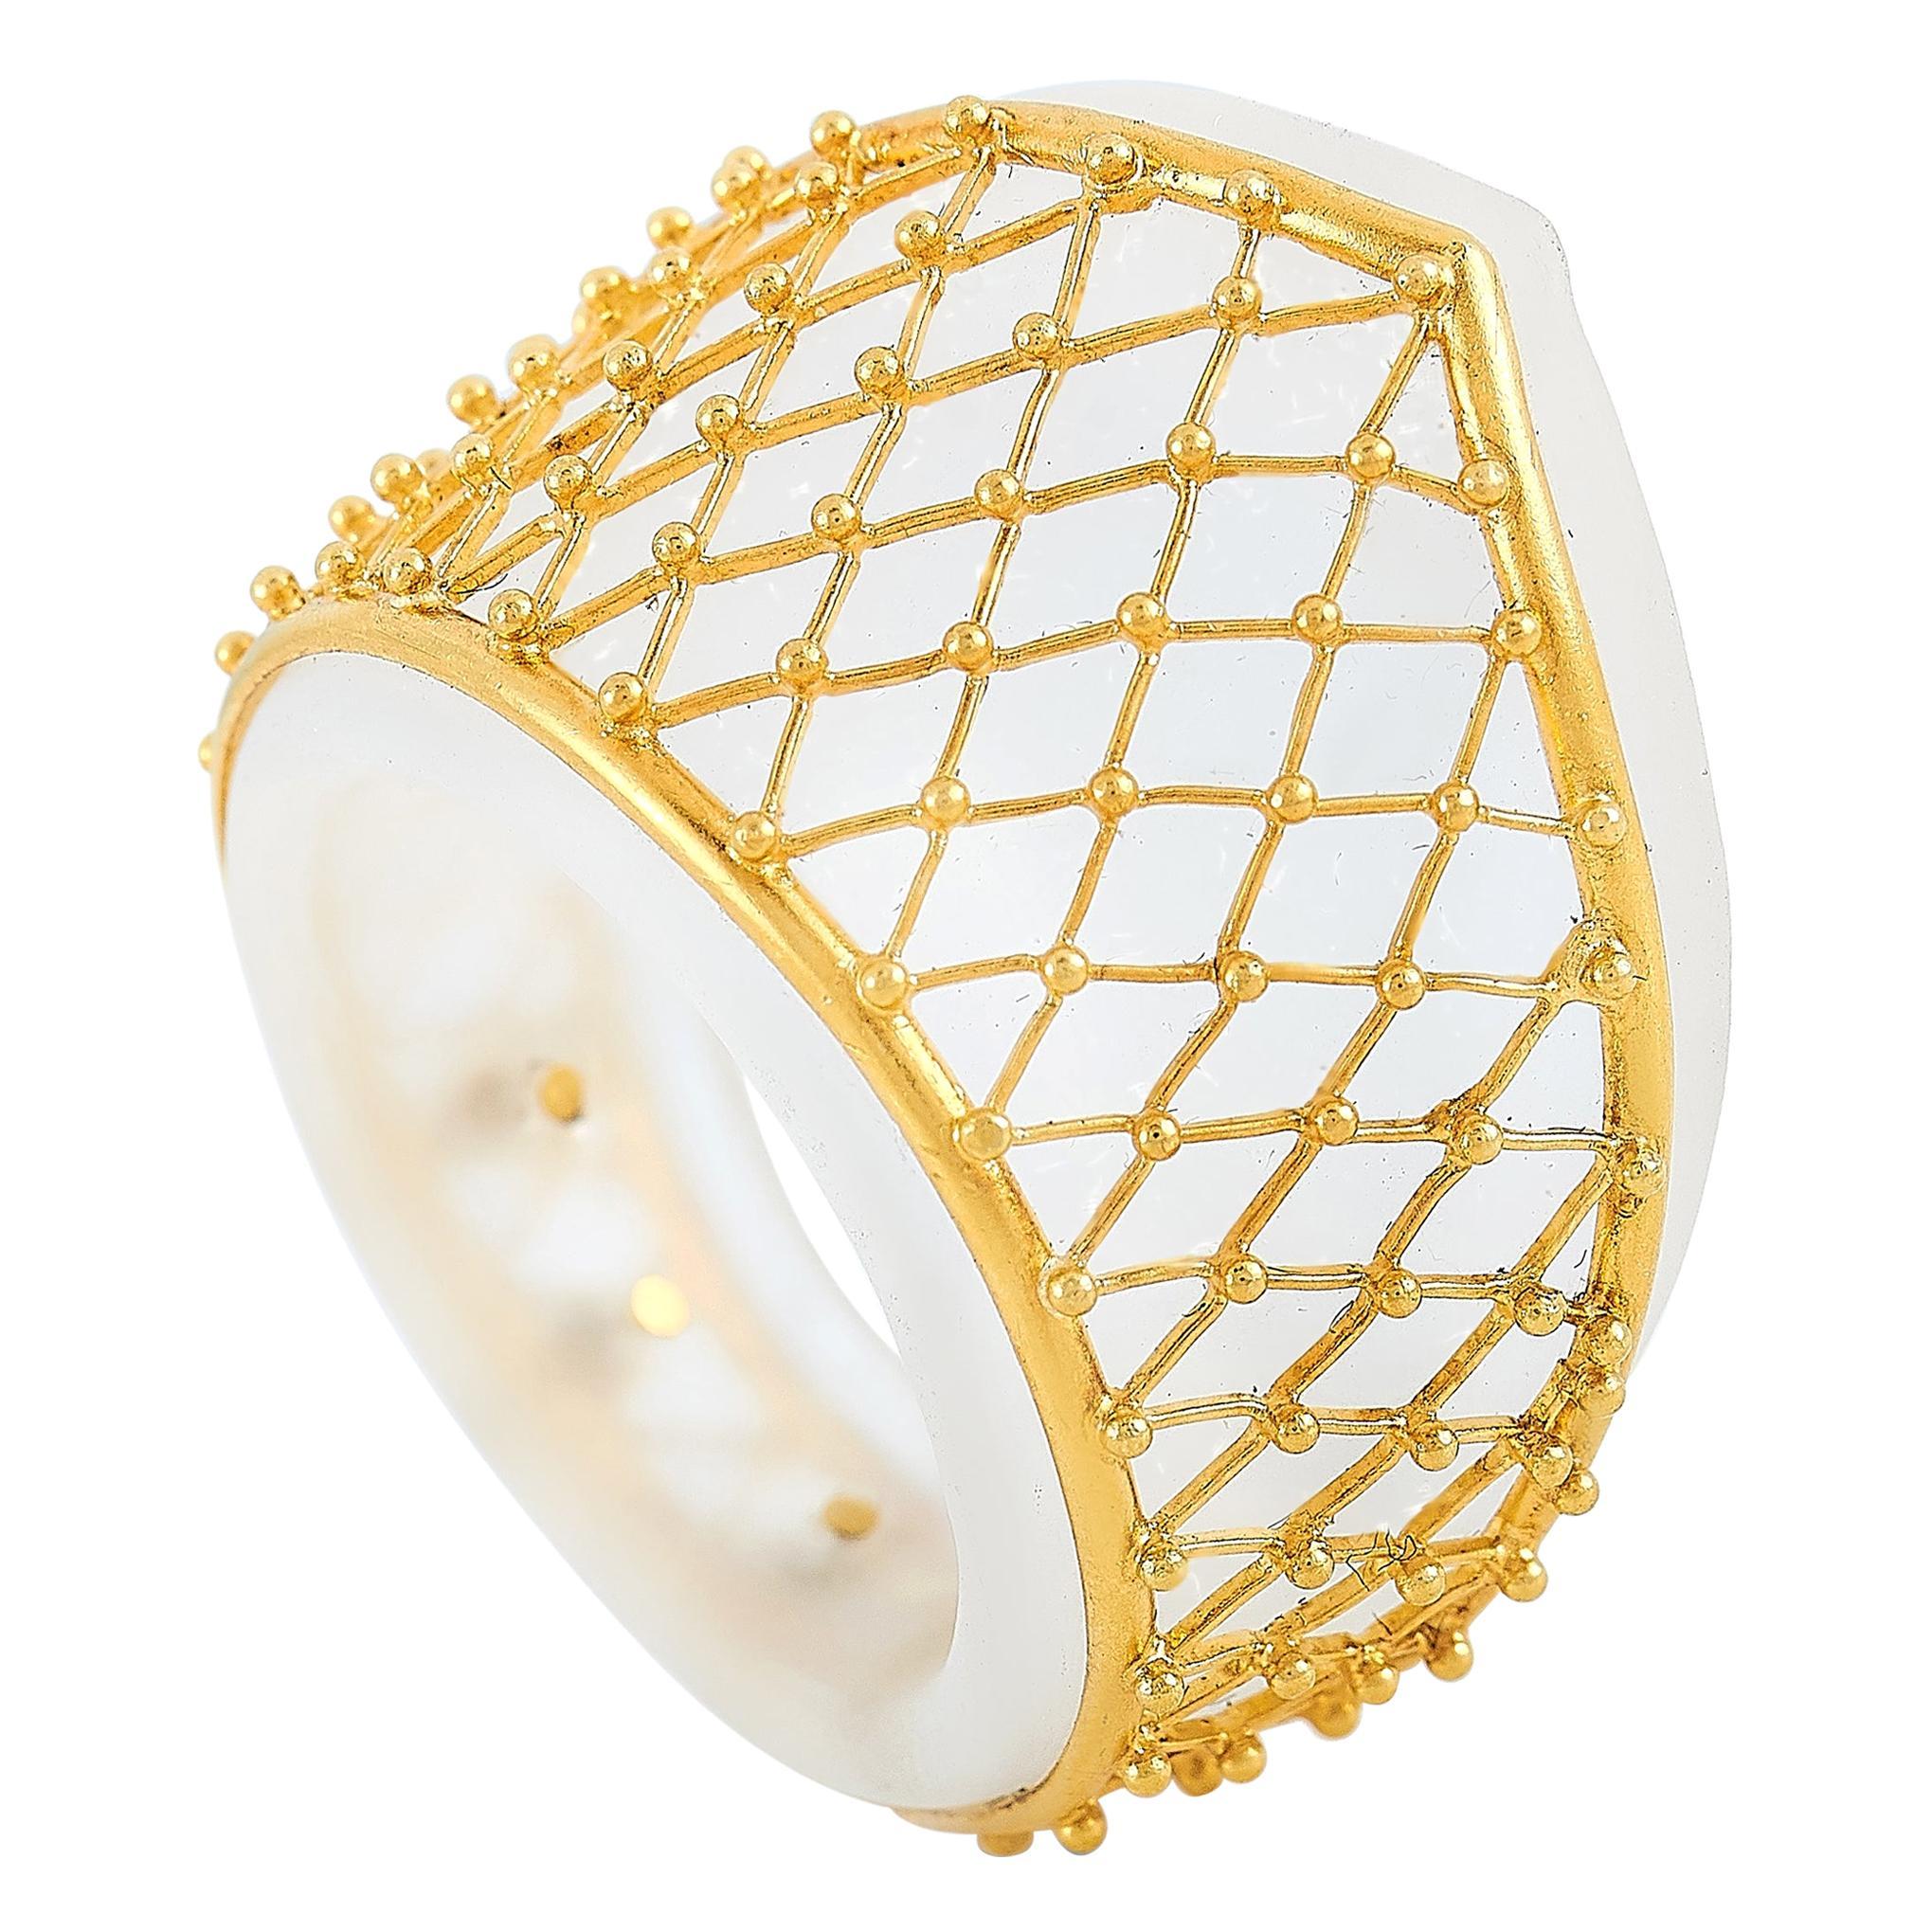 Ilias Lalaounis 18 Karat Yellow Gold Crystal Ring